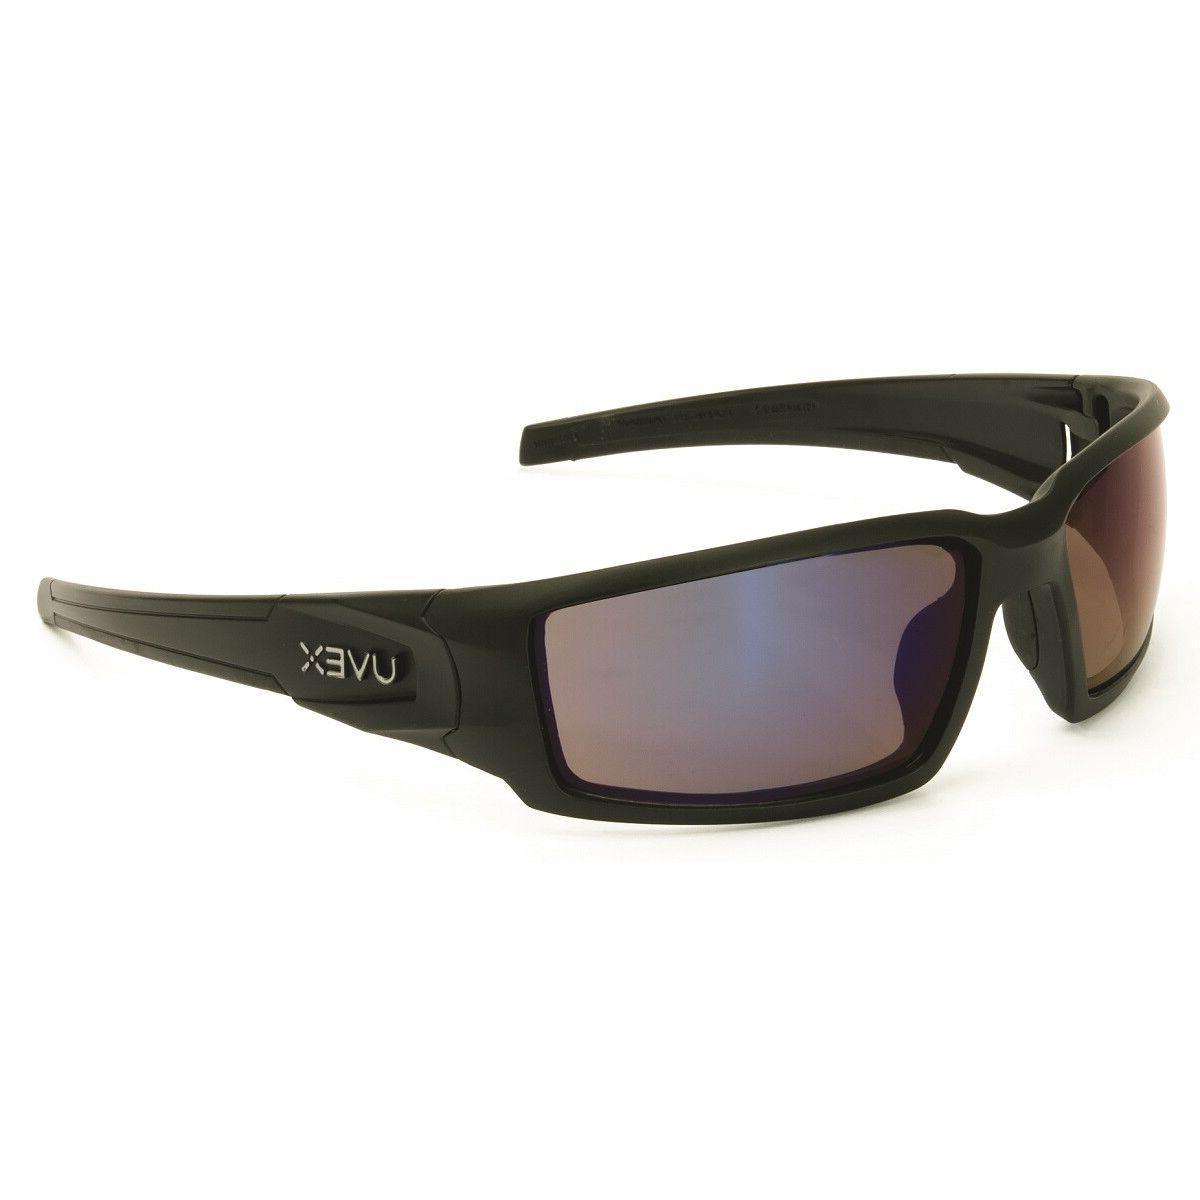 Uvex Hypershock Safety Glasses with Matte Black Frame and Bl